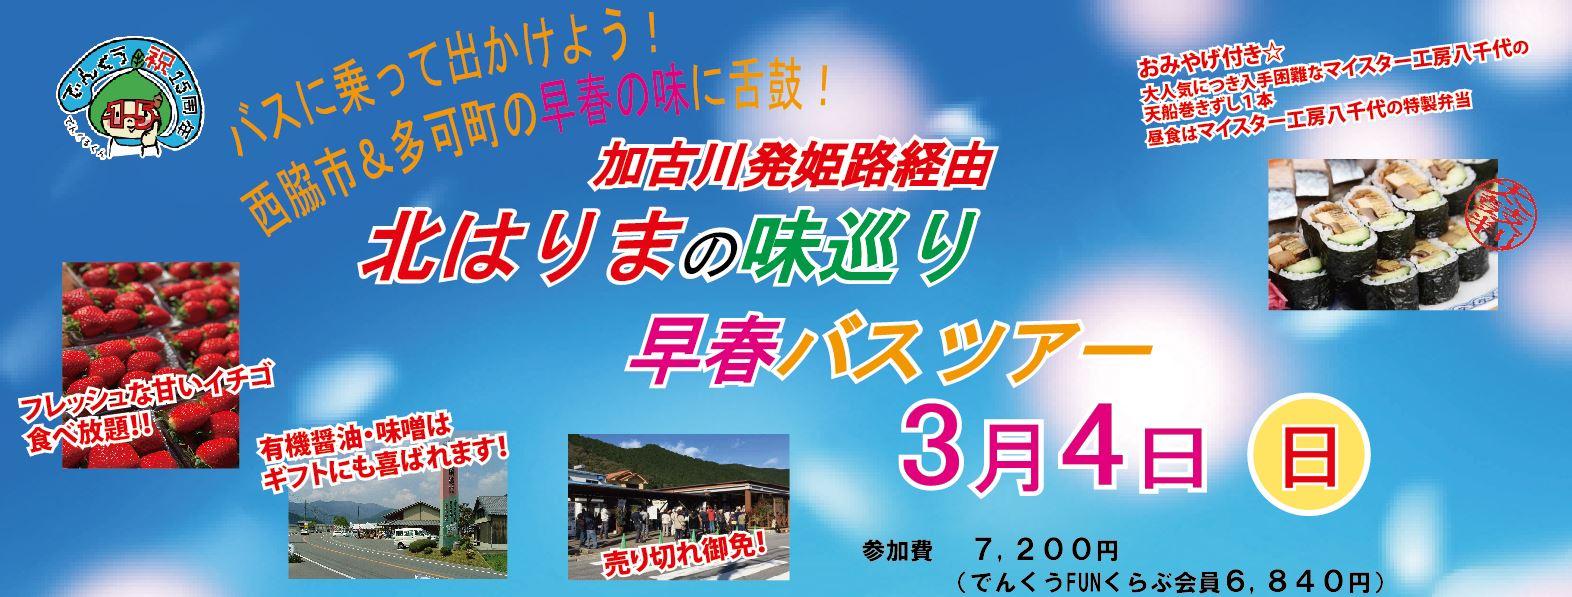 3/4加古川発バスツアー「北はりまの味めぐり」(1/9)